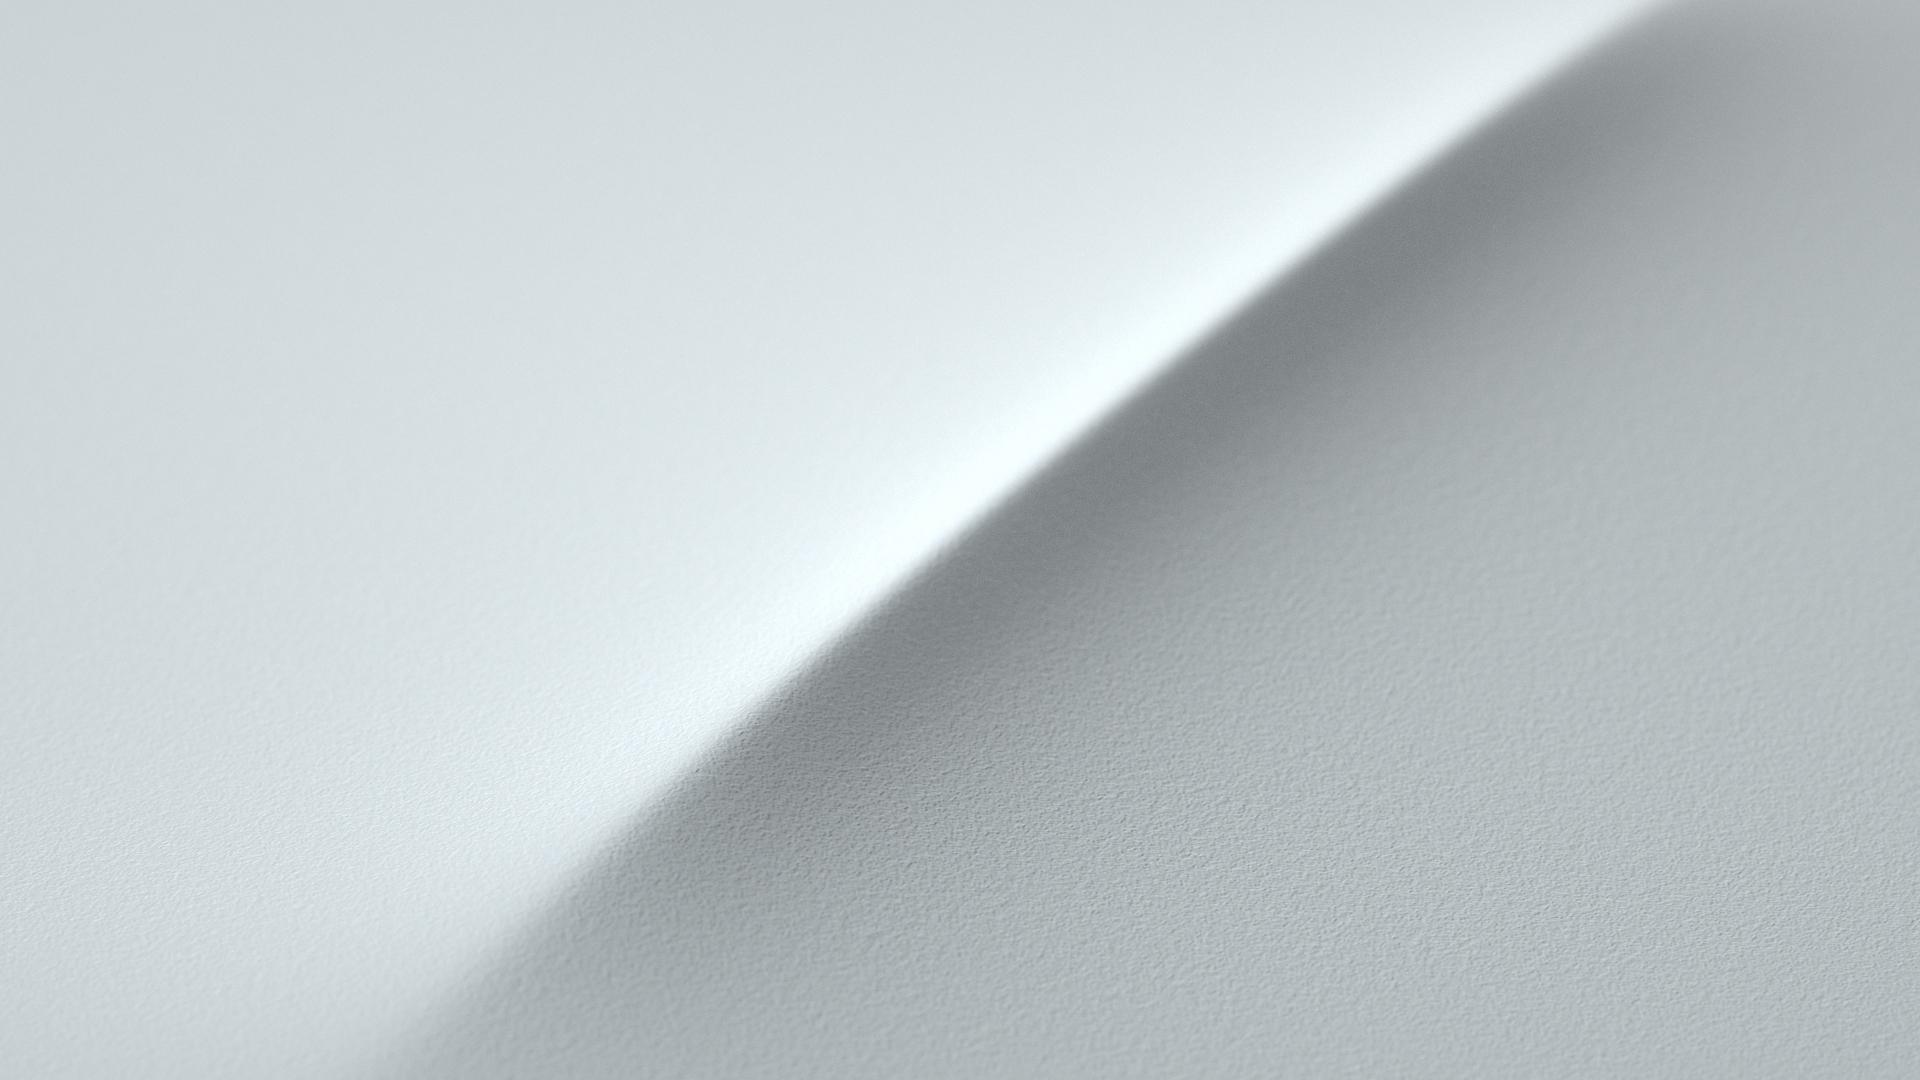 Vibia_logo_animatedI0154.jpg